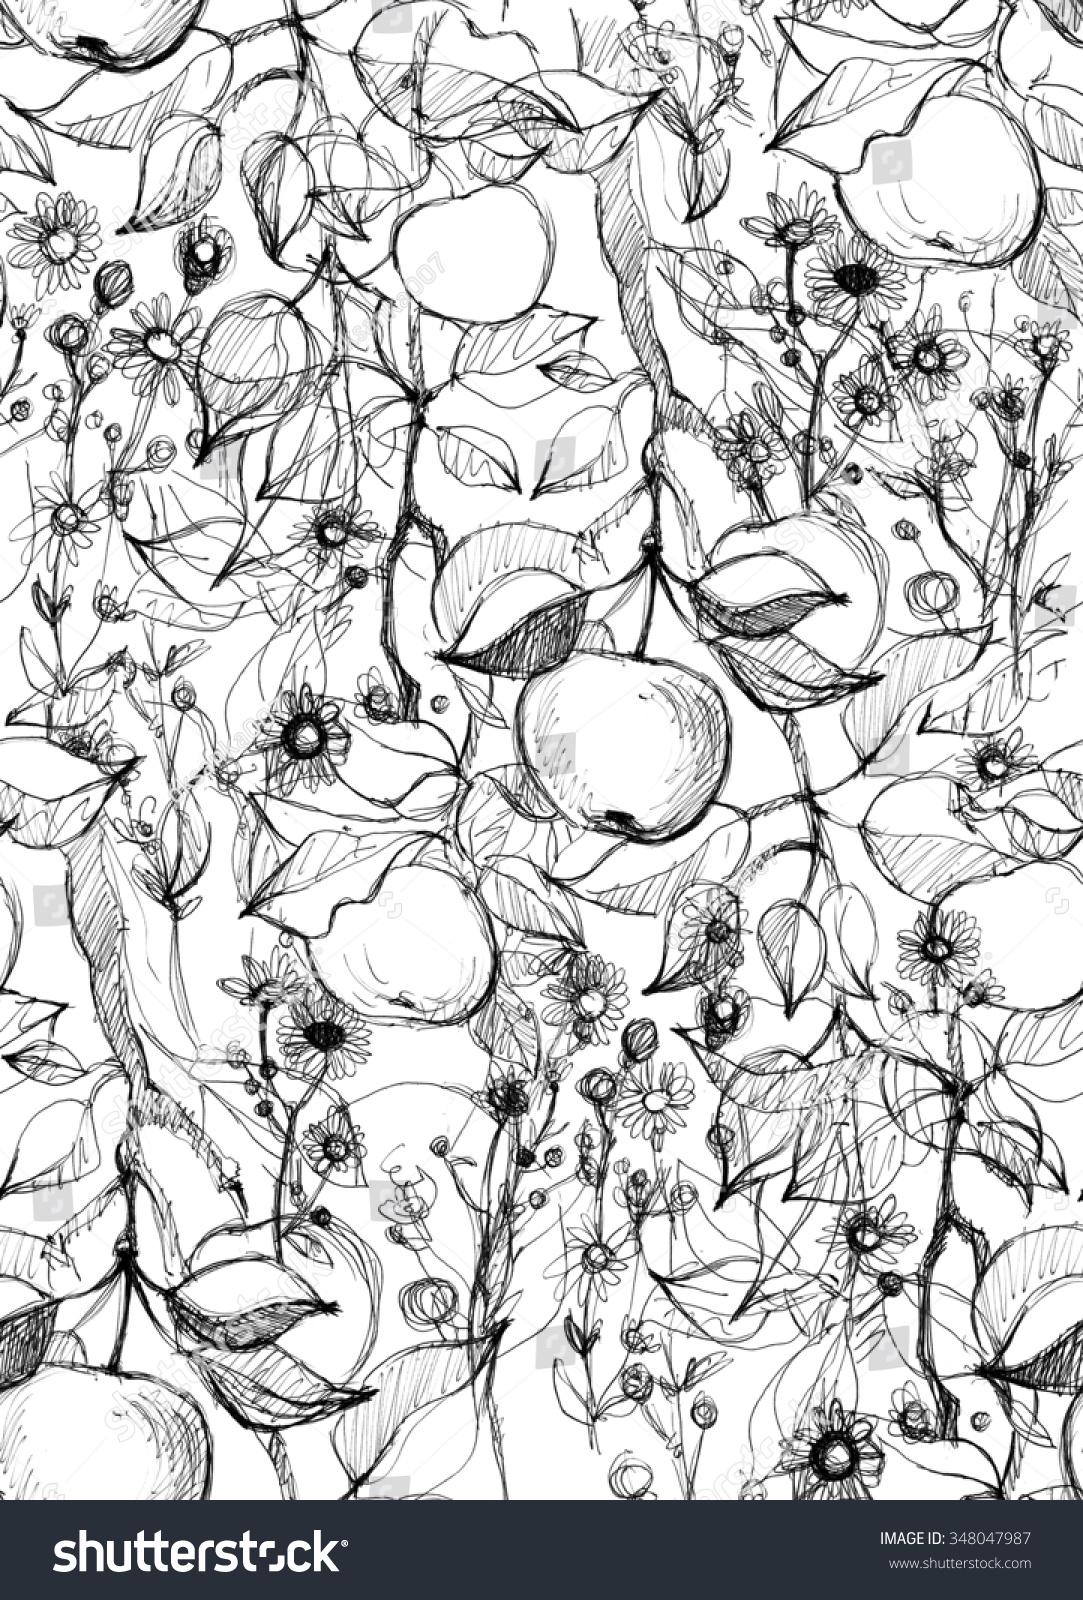 苹果树果实,森林花,叶子.手绘惊人的艺术品.